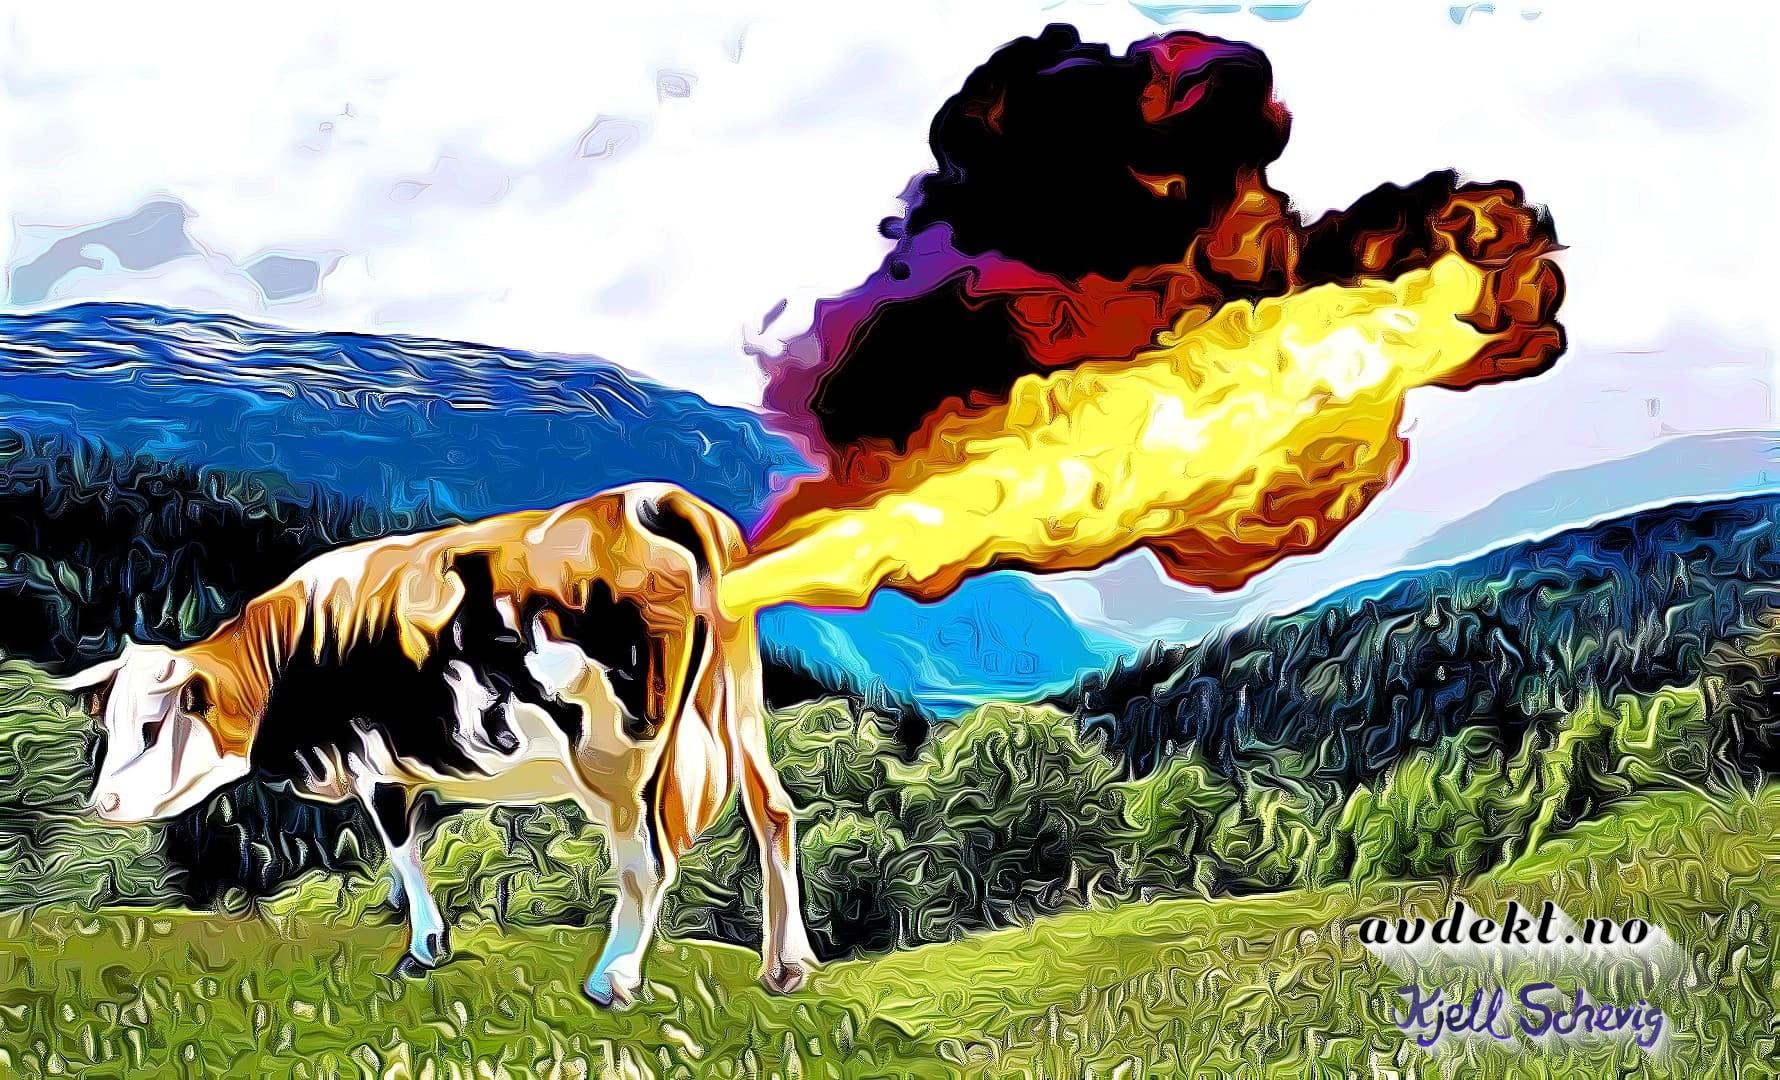 Skaper kua klimakrise?